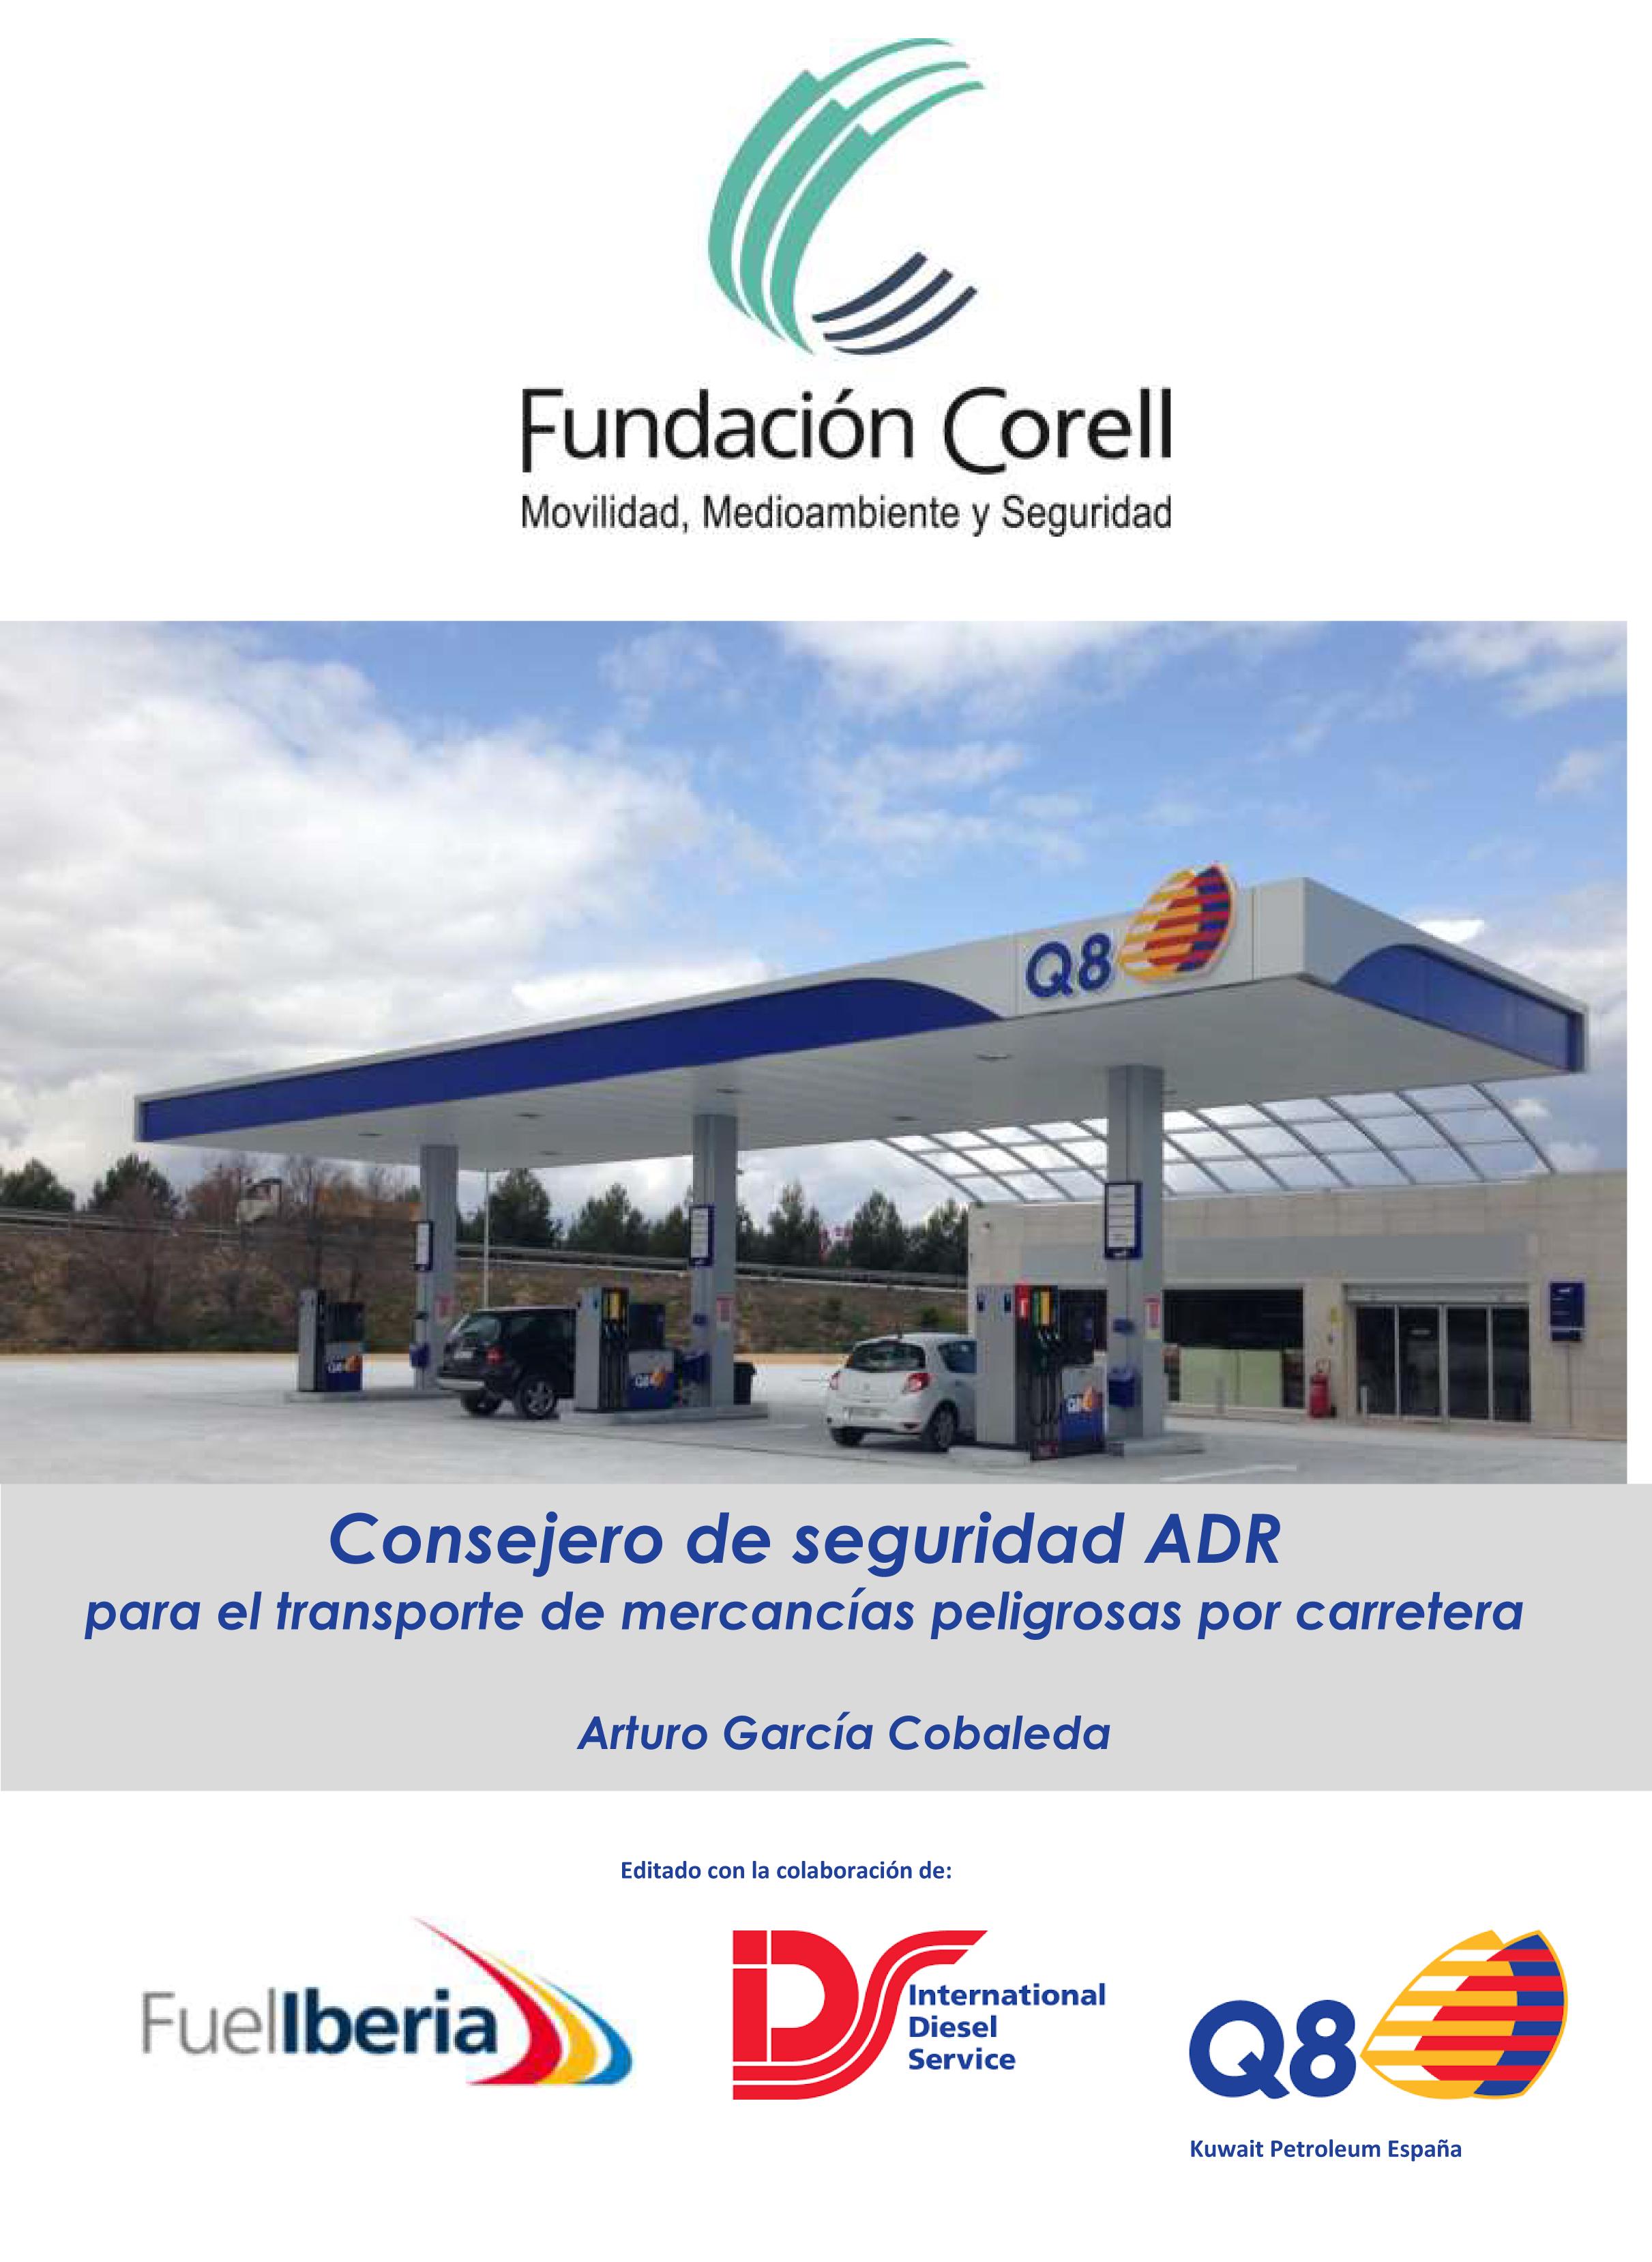 Portada Libro Consejero de Seguridad ADR de la Fundación Corell